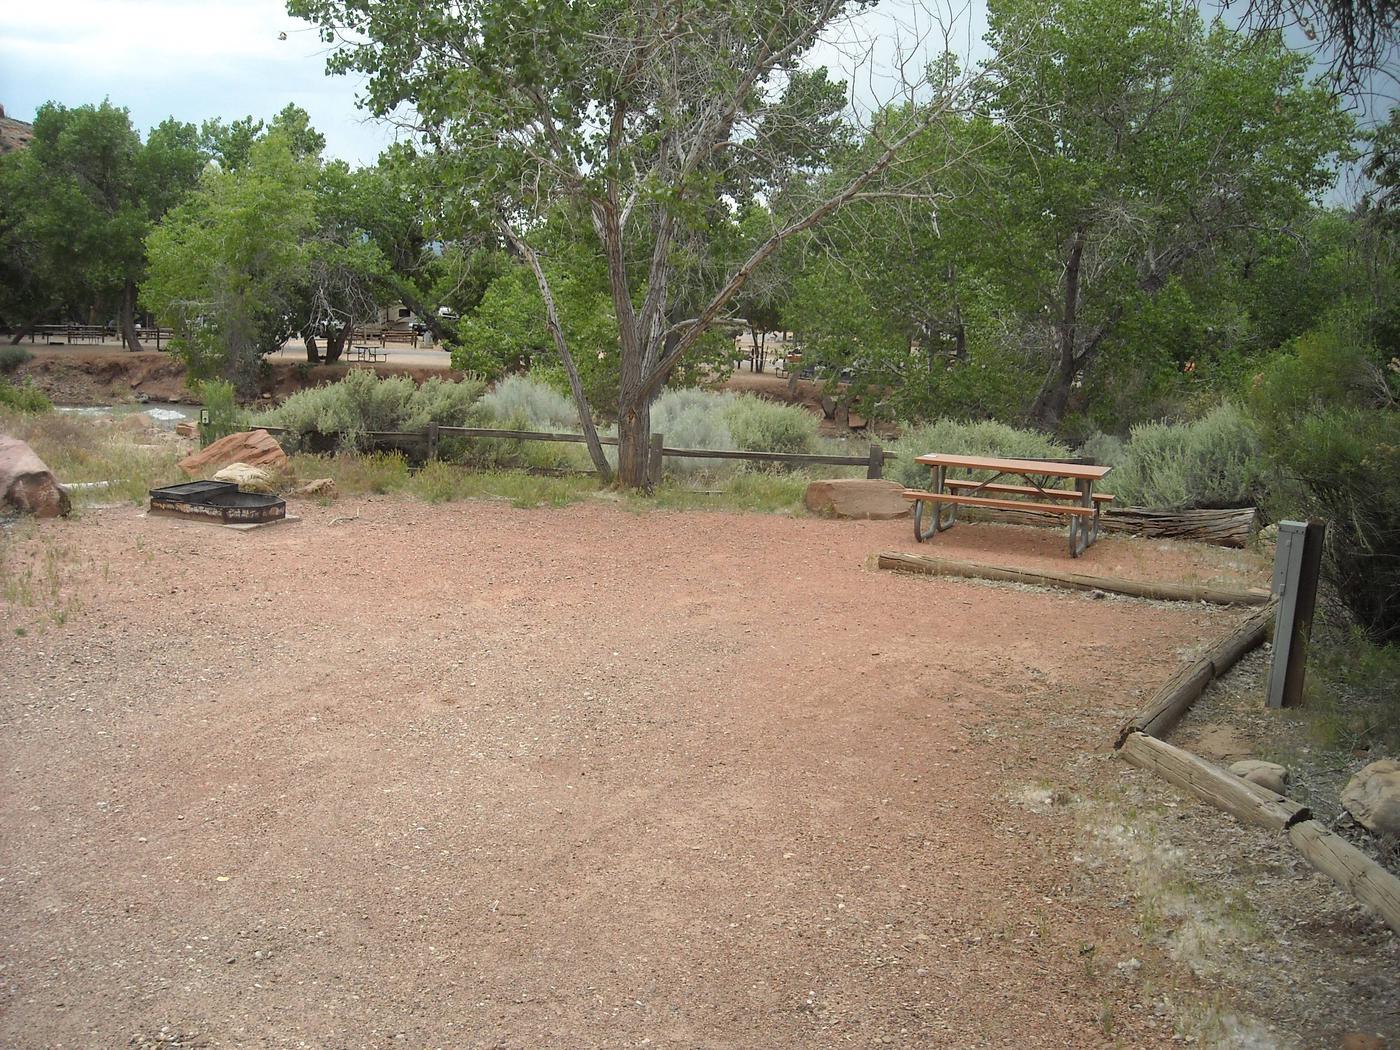 Campsite viewSite B55